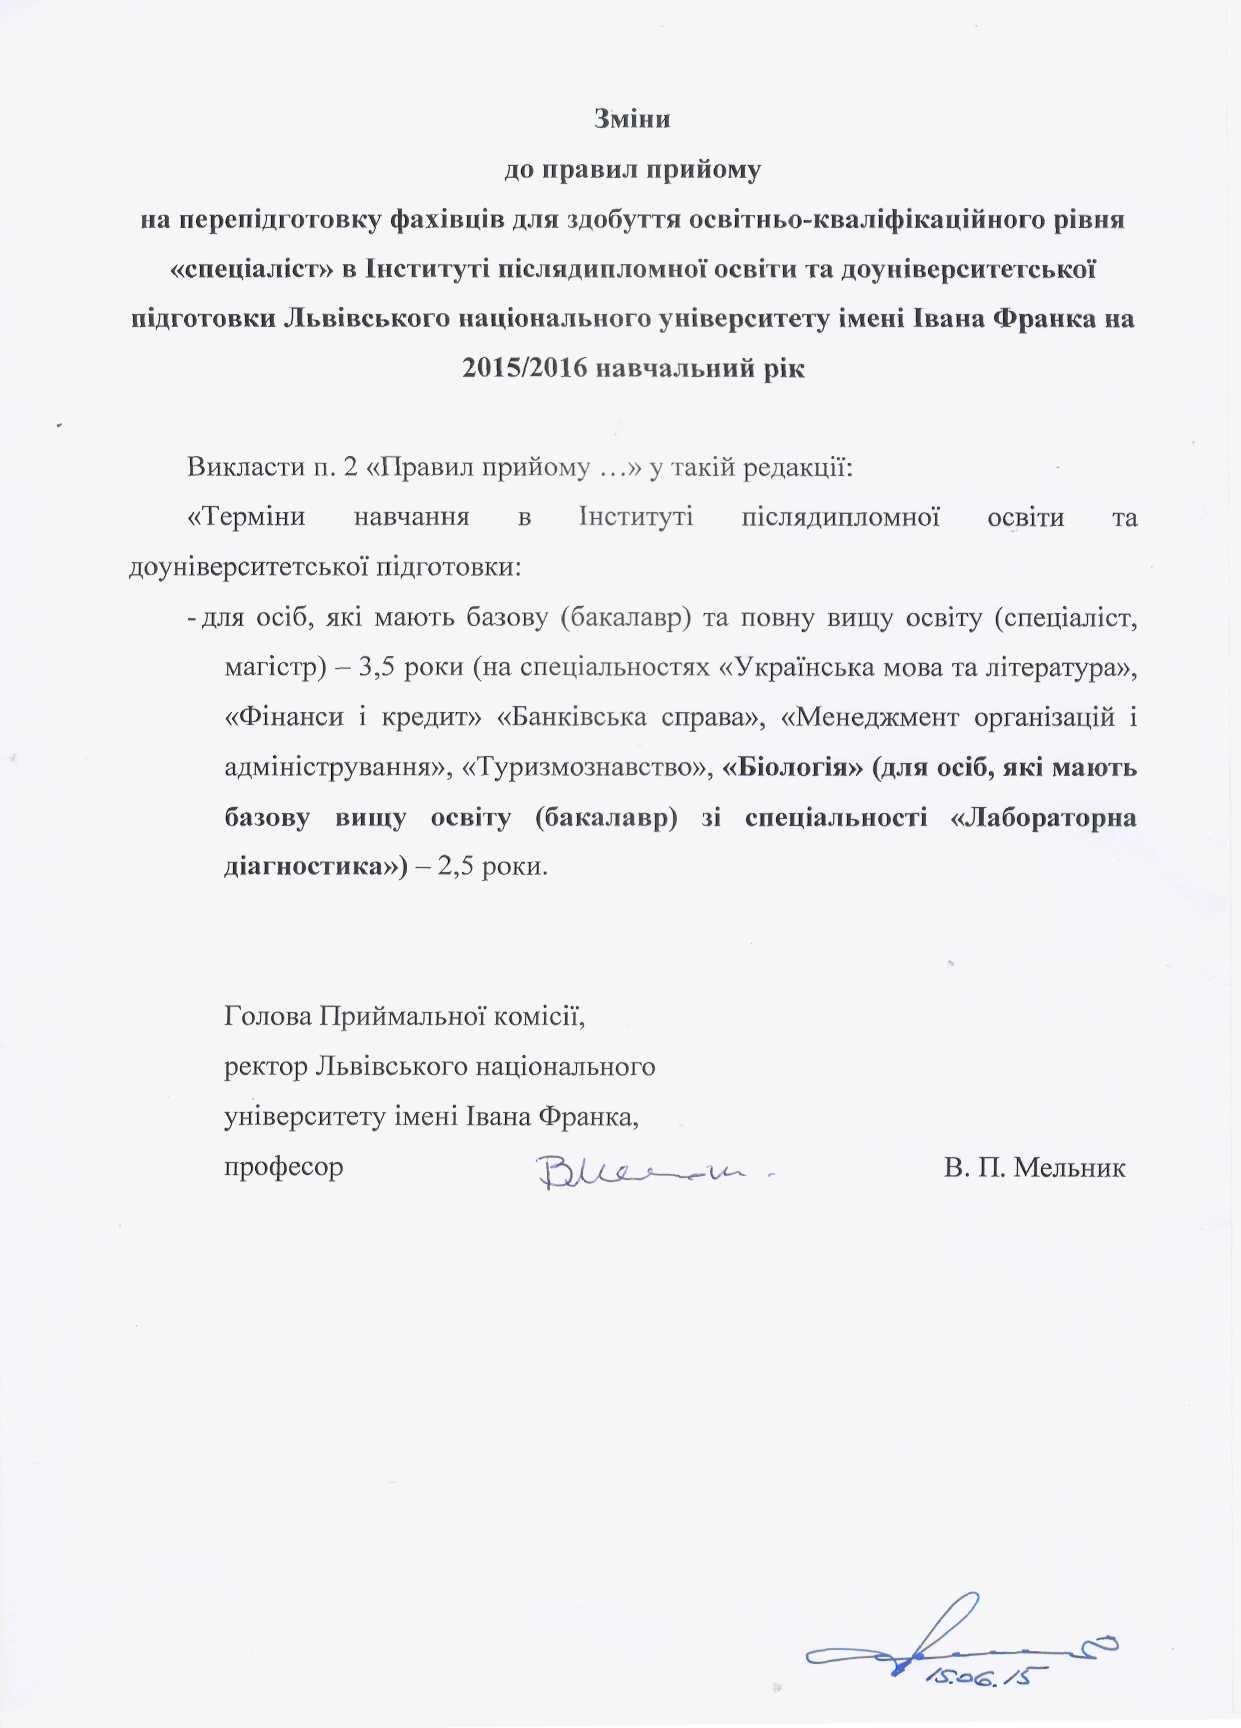 zmina_pruymy